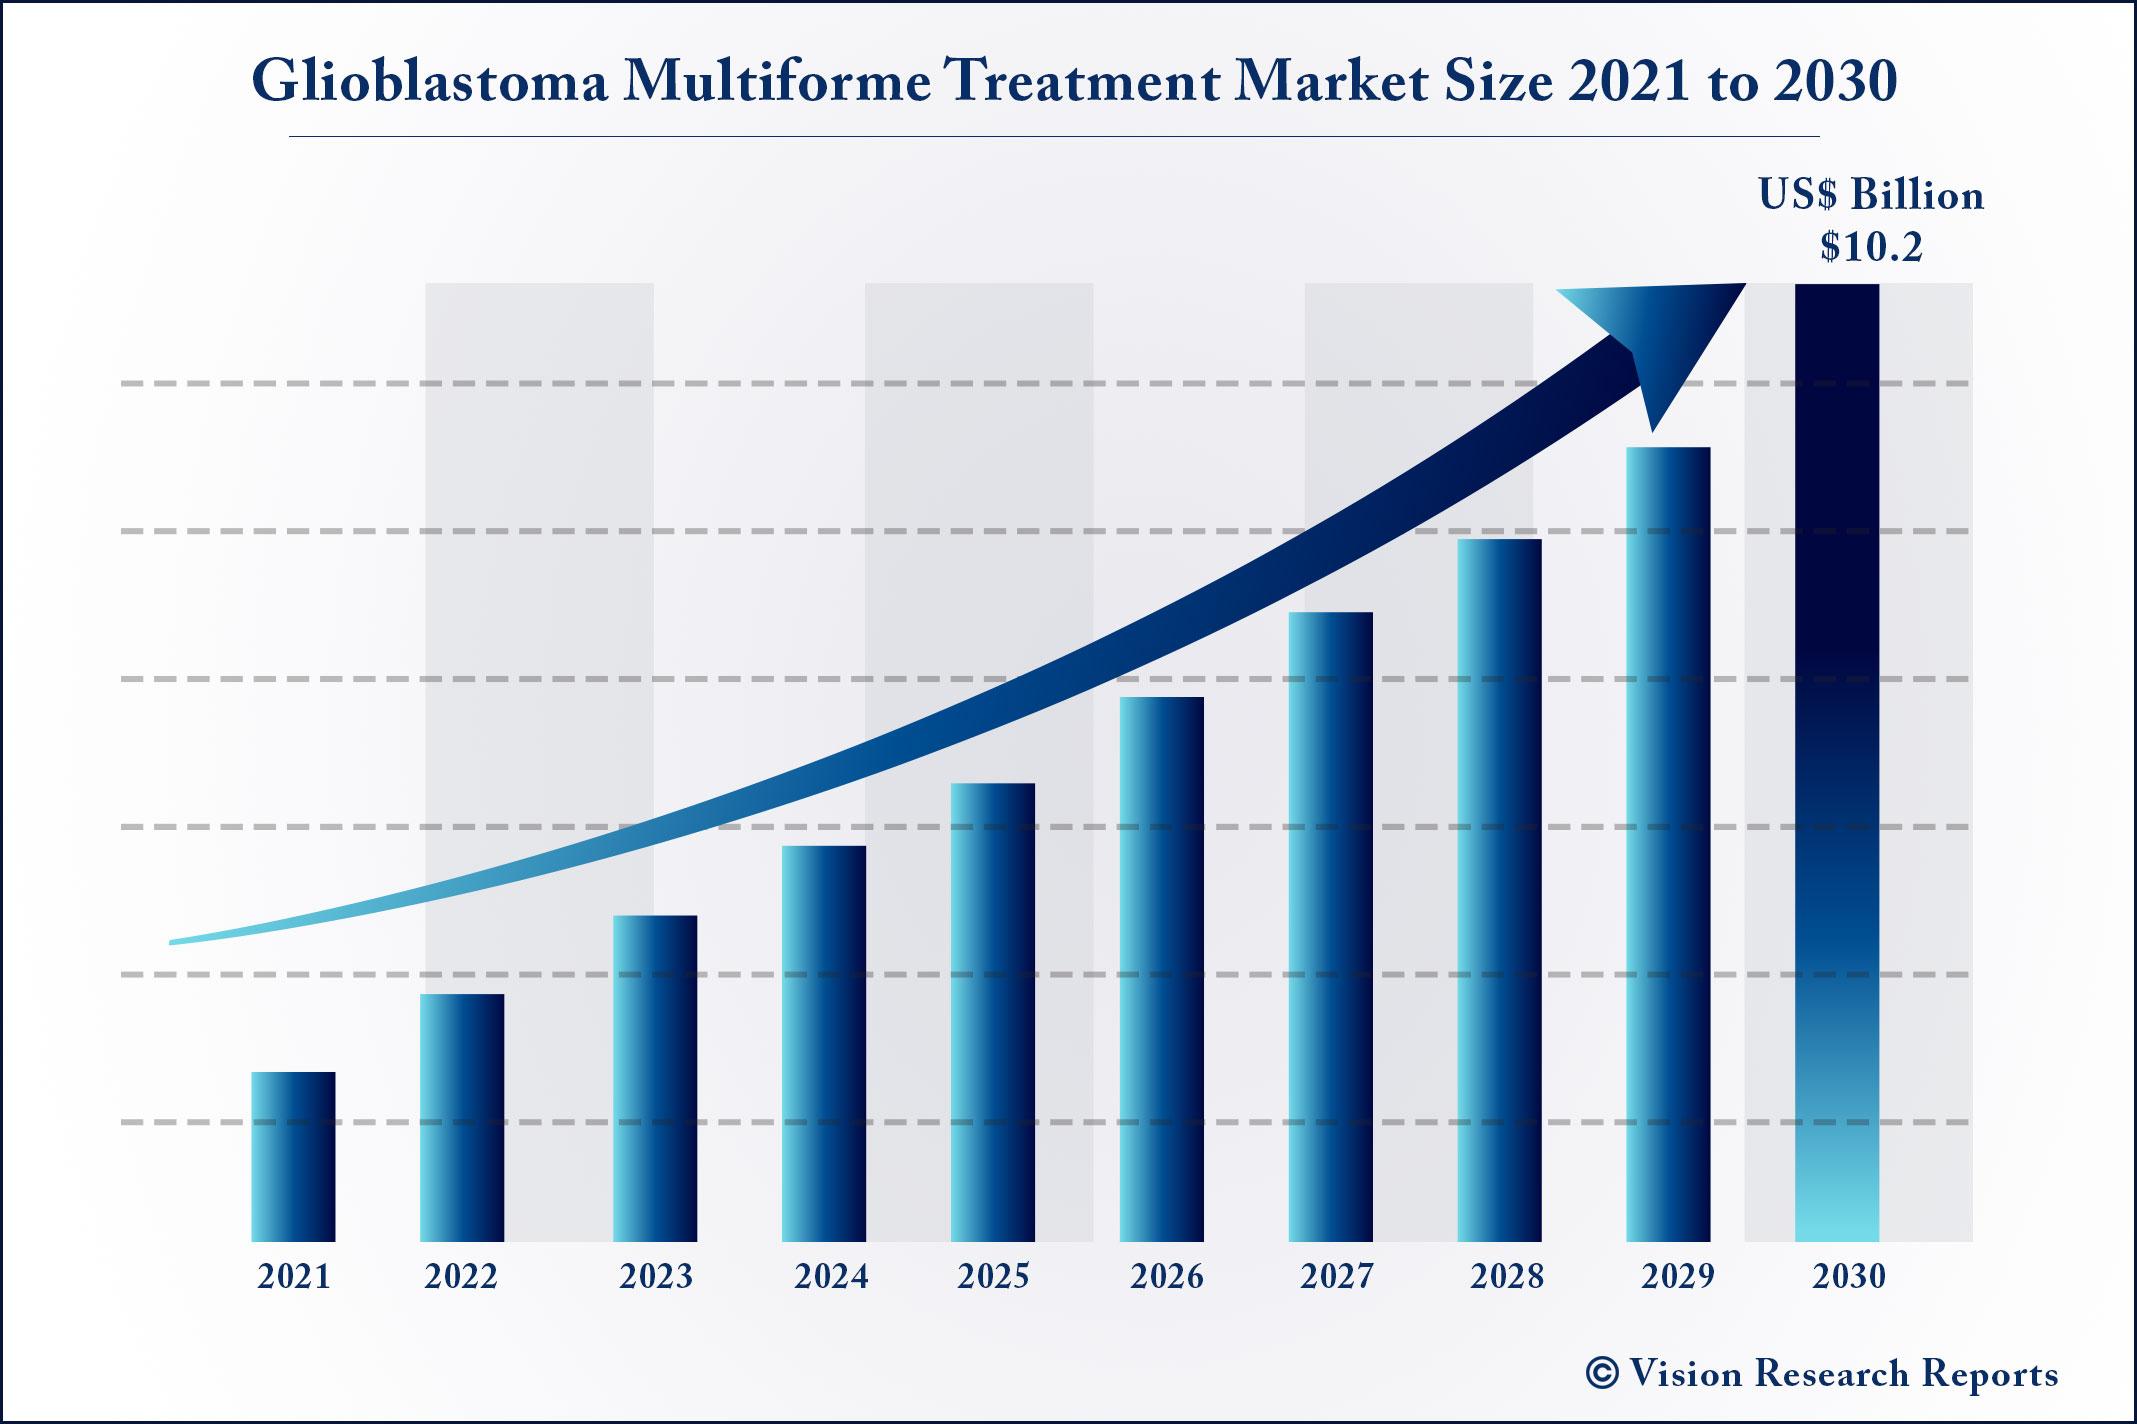 Glioblastoma Multiforme Treatment Market Size 2021 to 2030